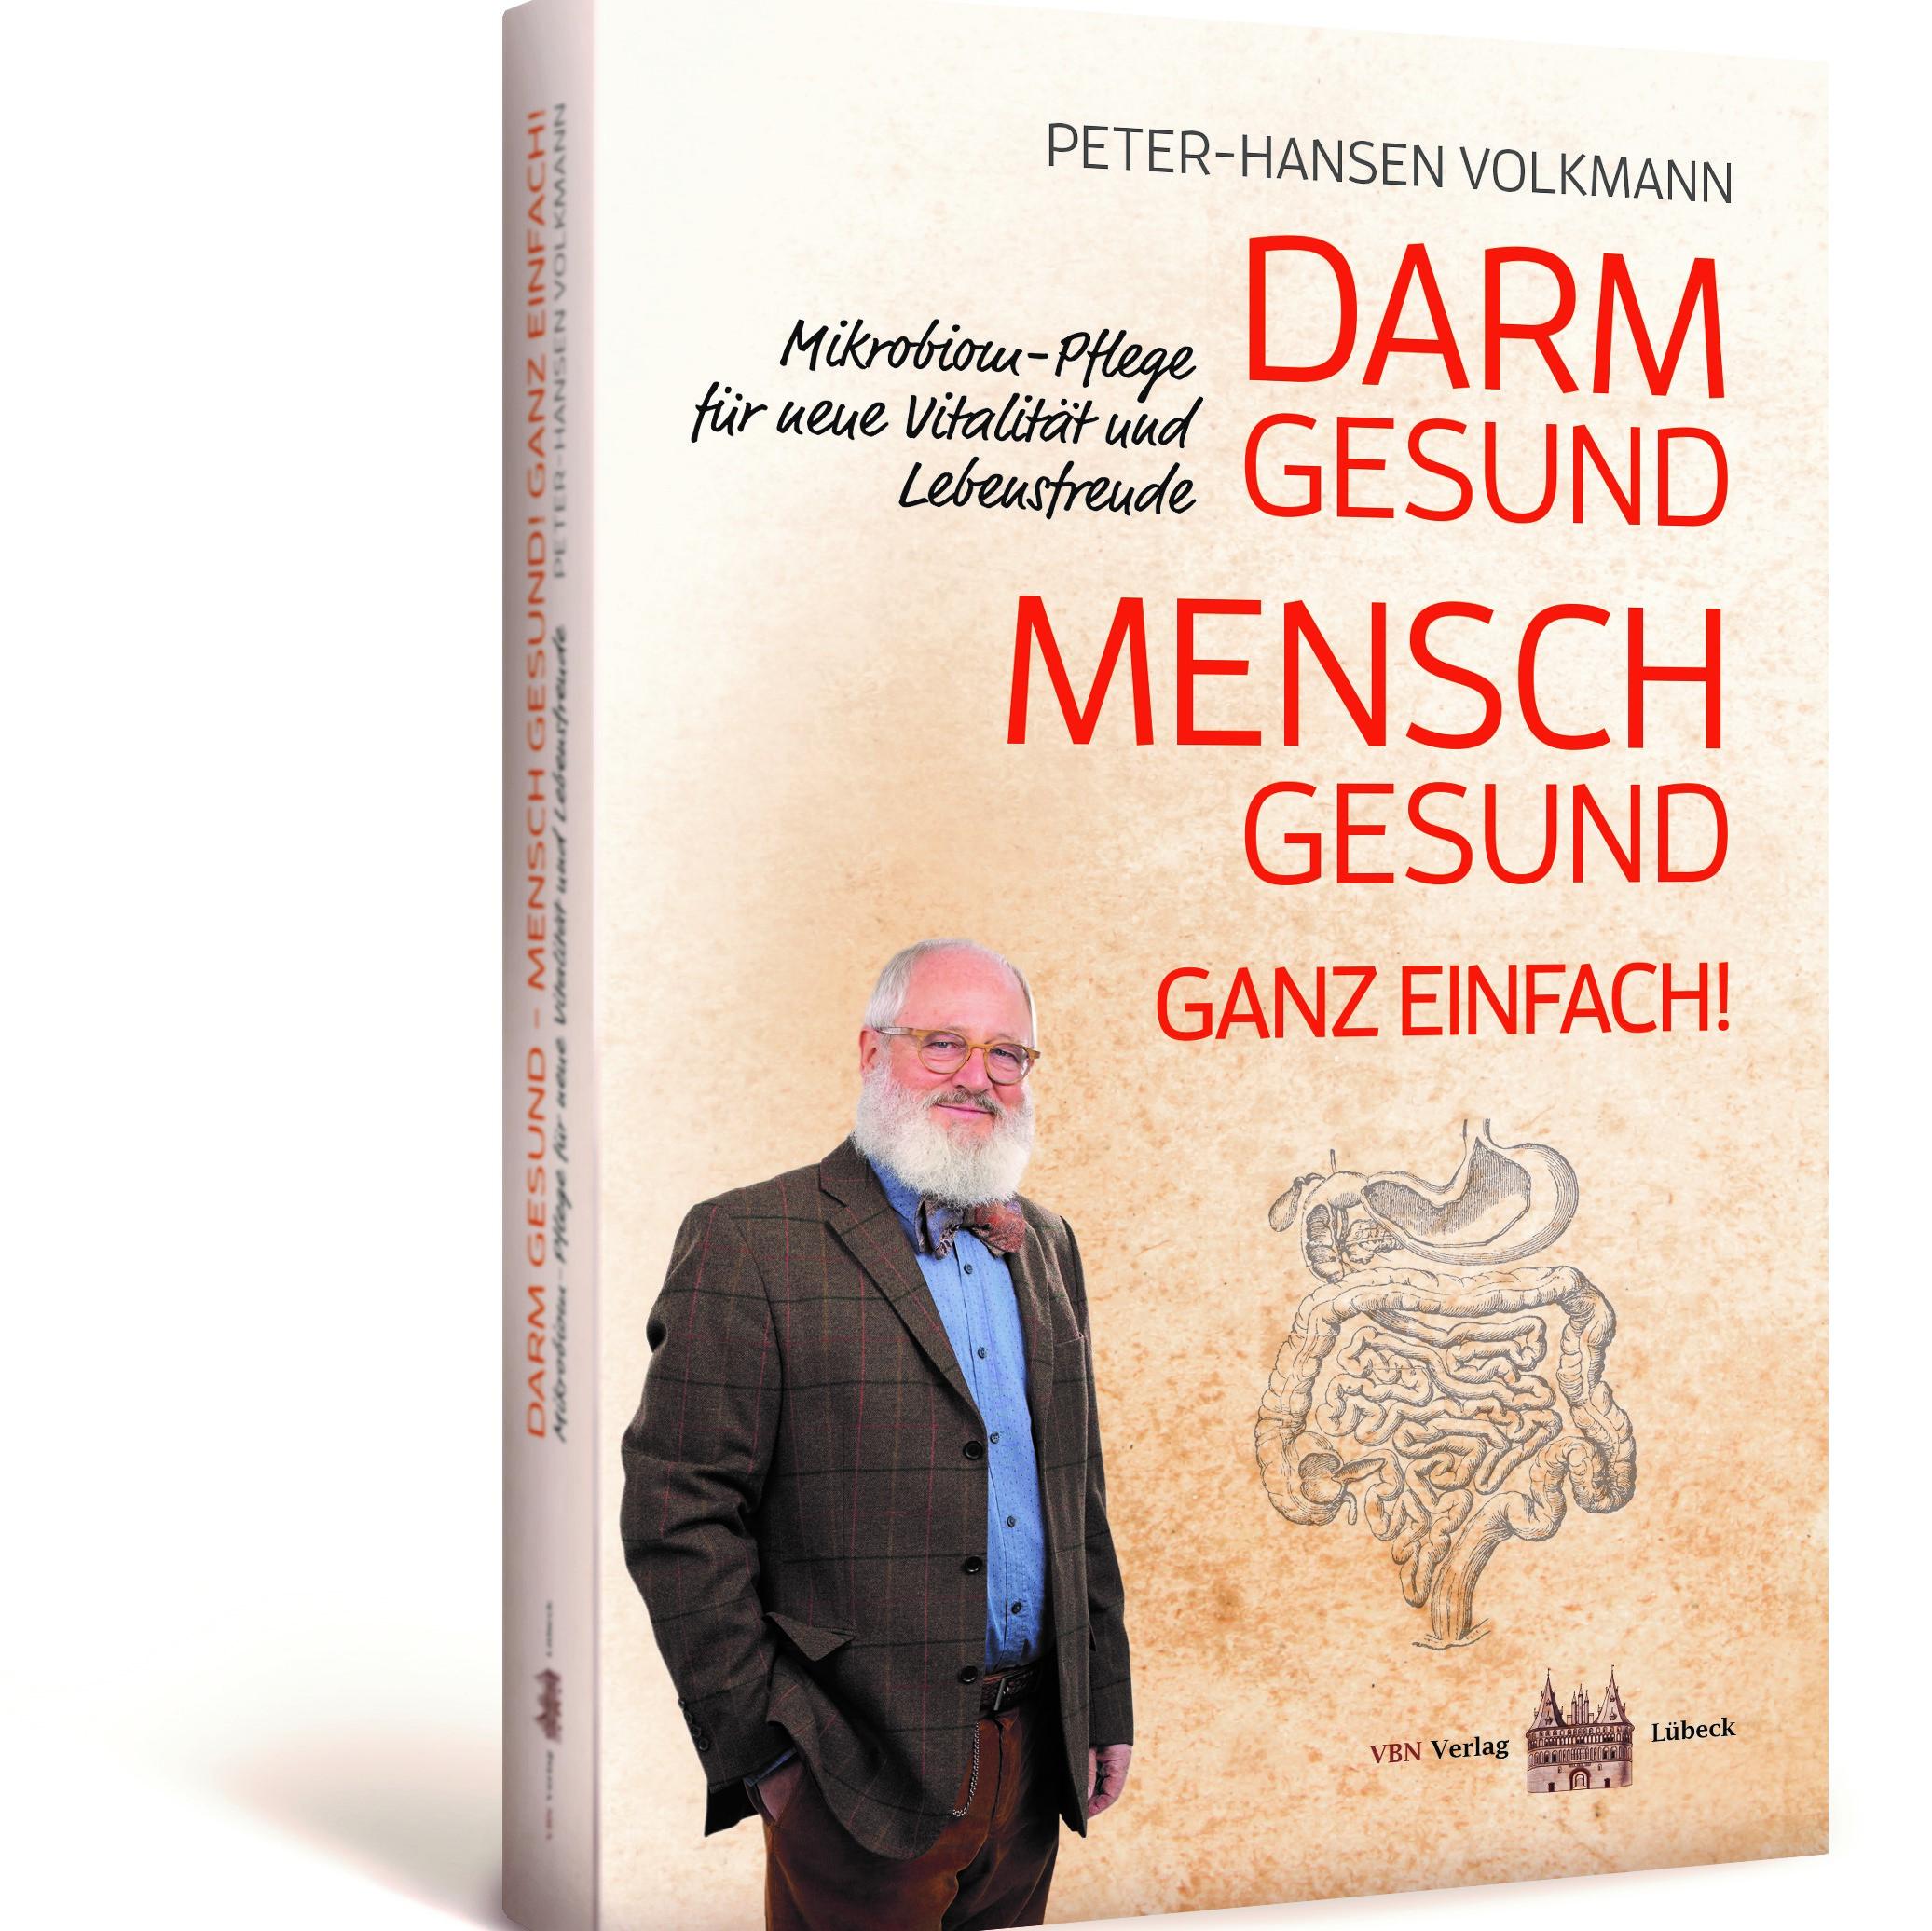 """Das Buch """"Darm gesund – Mensch gesund! Ganz einfach!"""" von Peter-Hansen Volkmann erklärt den Zusammenhang zwischen der Darmgesundheit und der allgemeinen Gesundheit"""